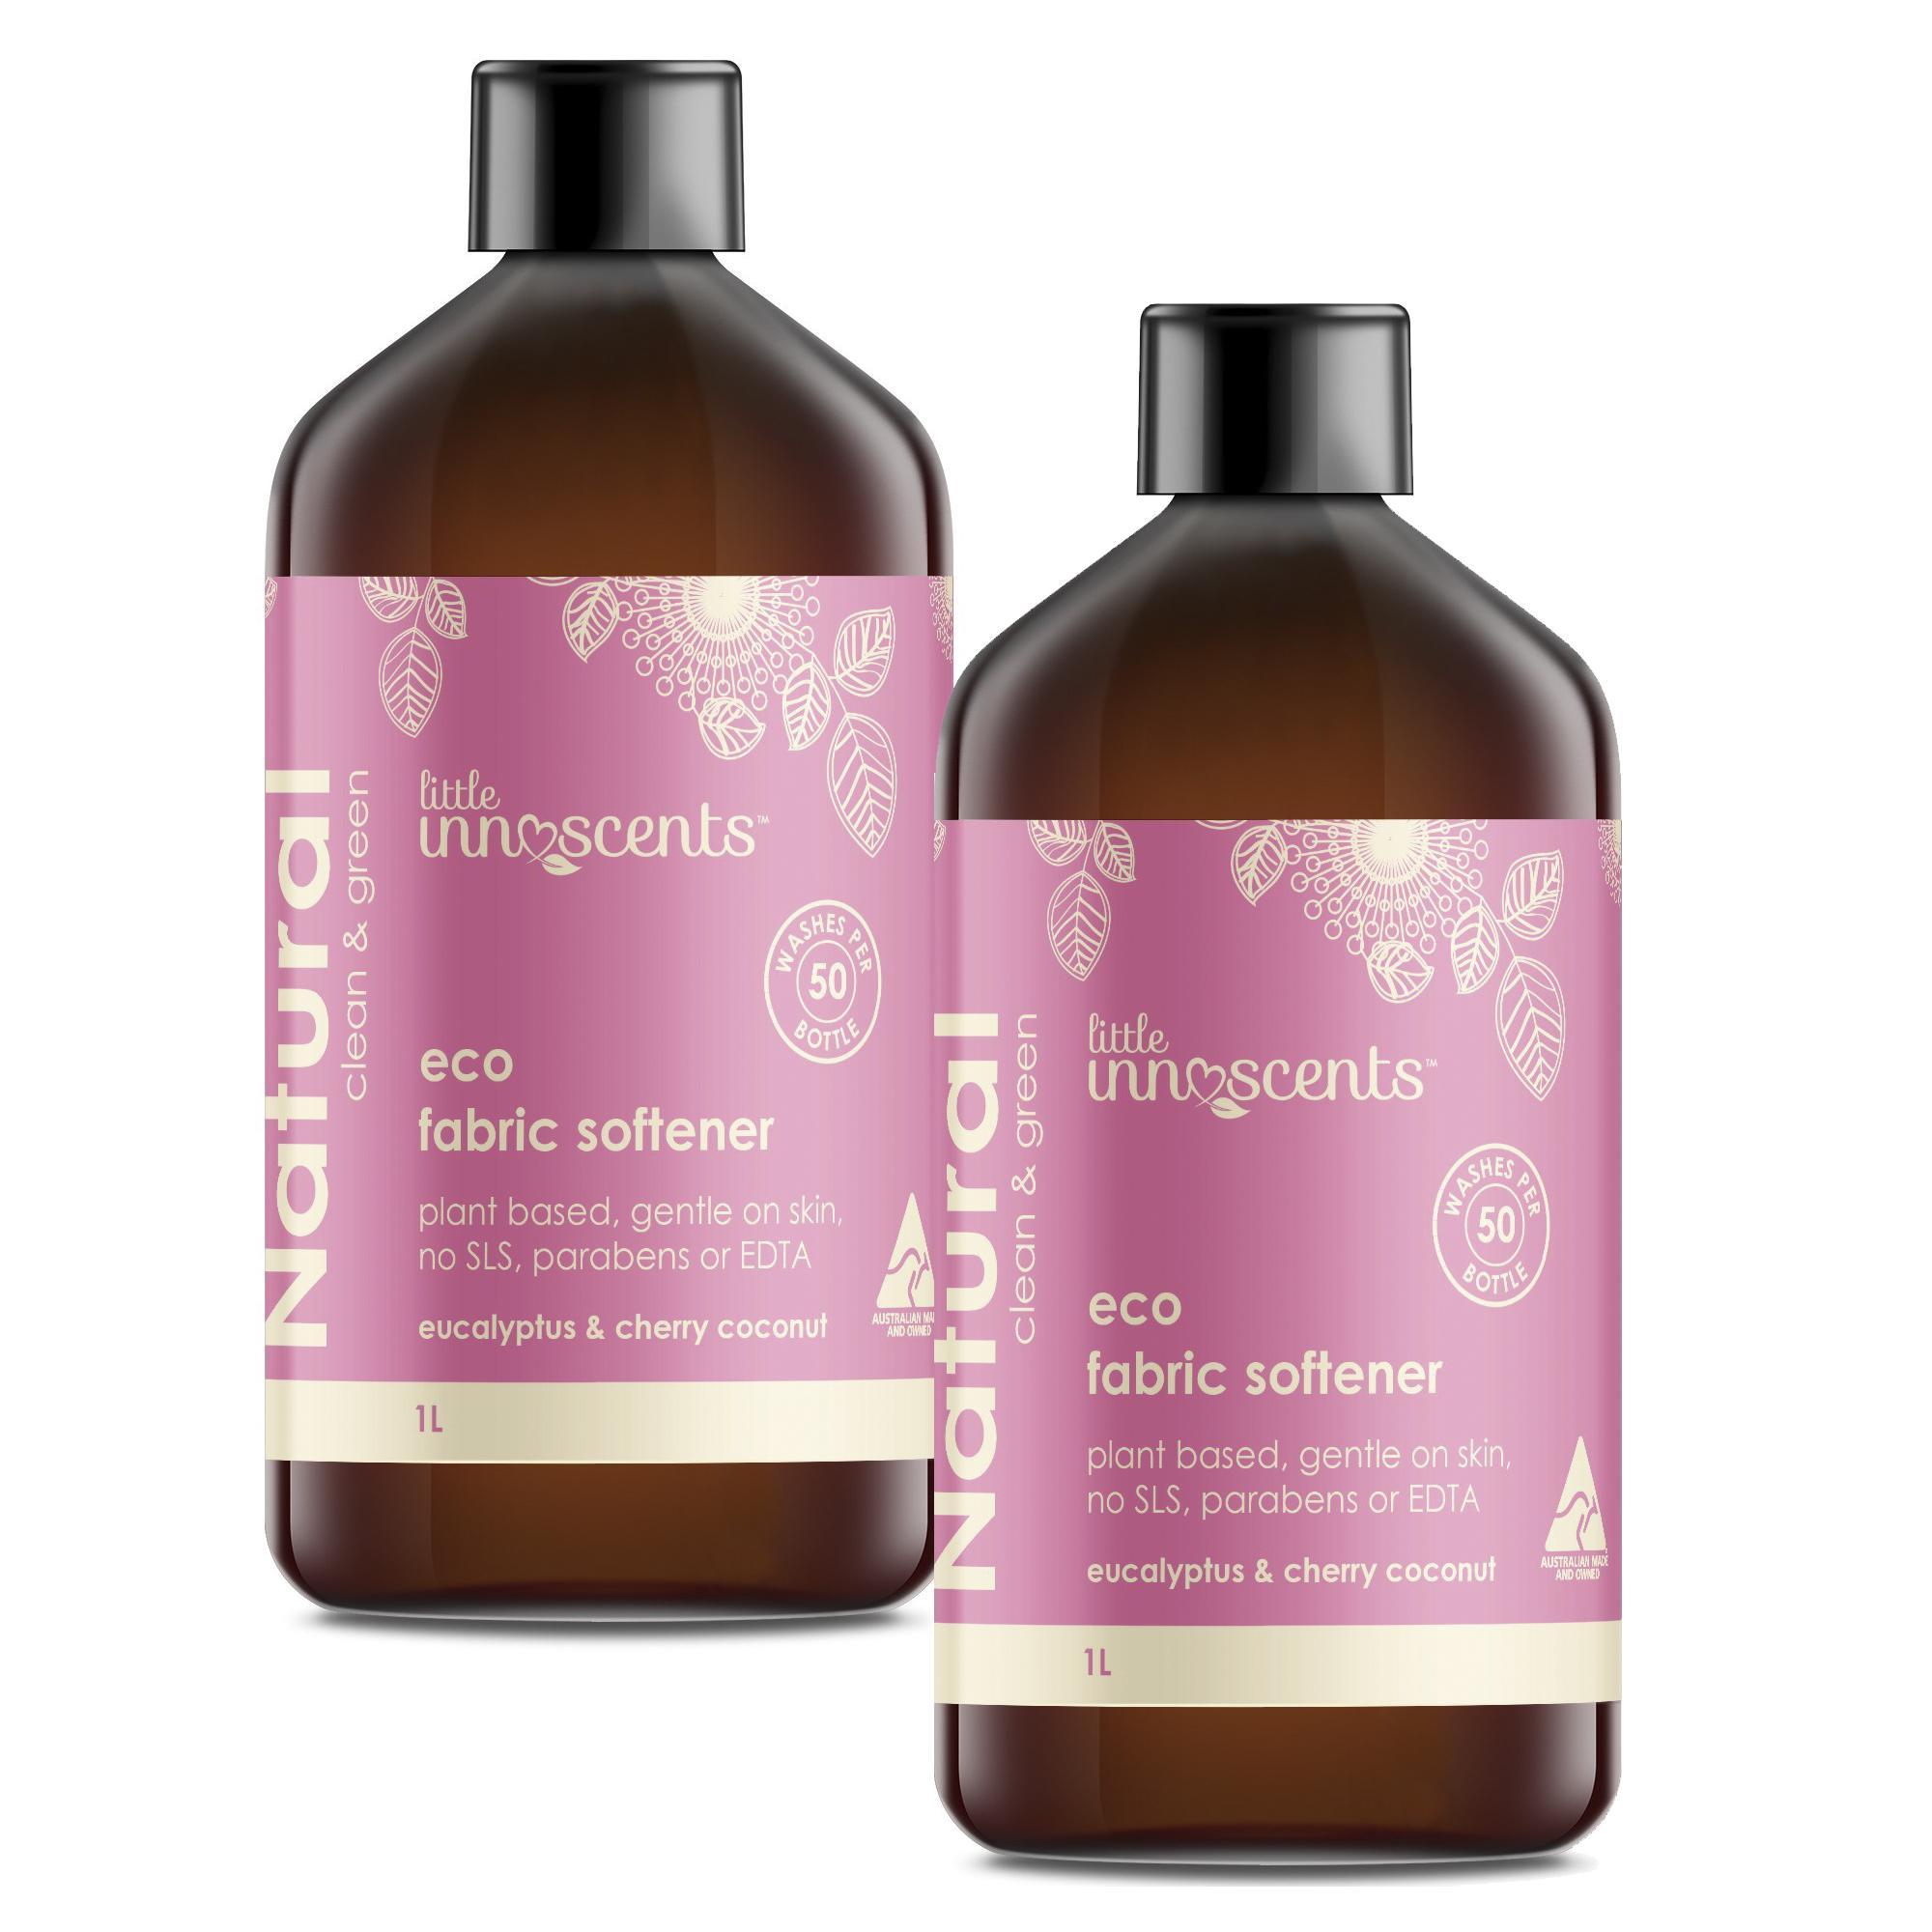 Bộ 2 chai Little Innoscents - Nước xả vải sinh thái - Eco Fabric Softener